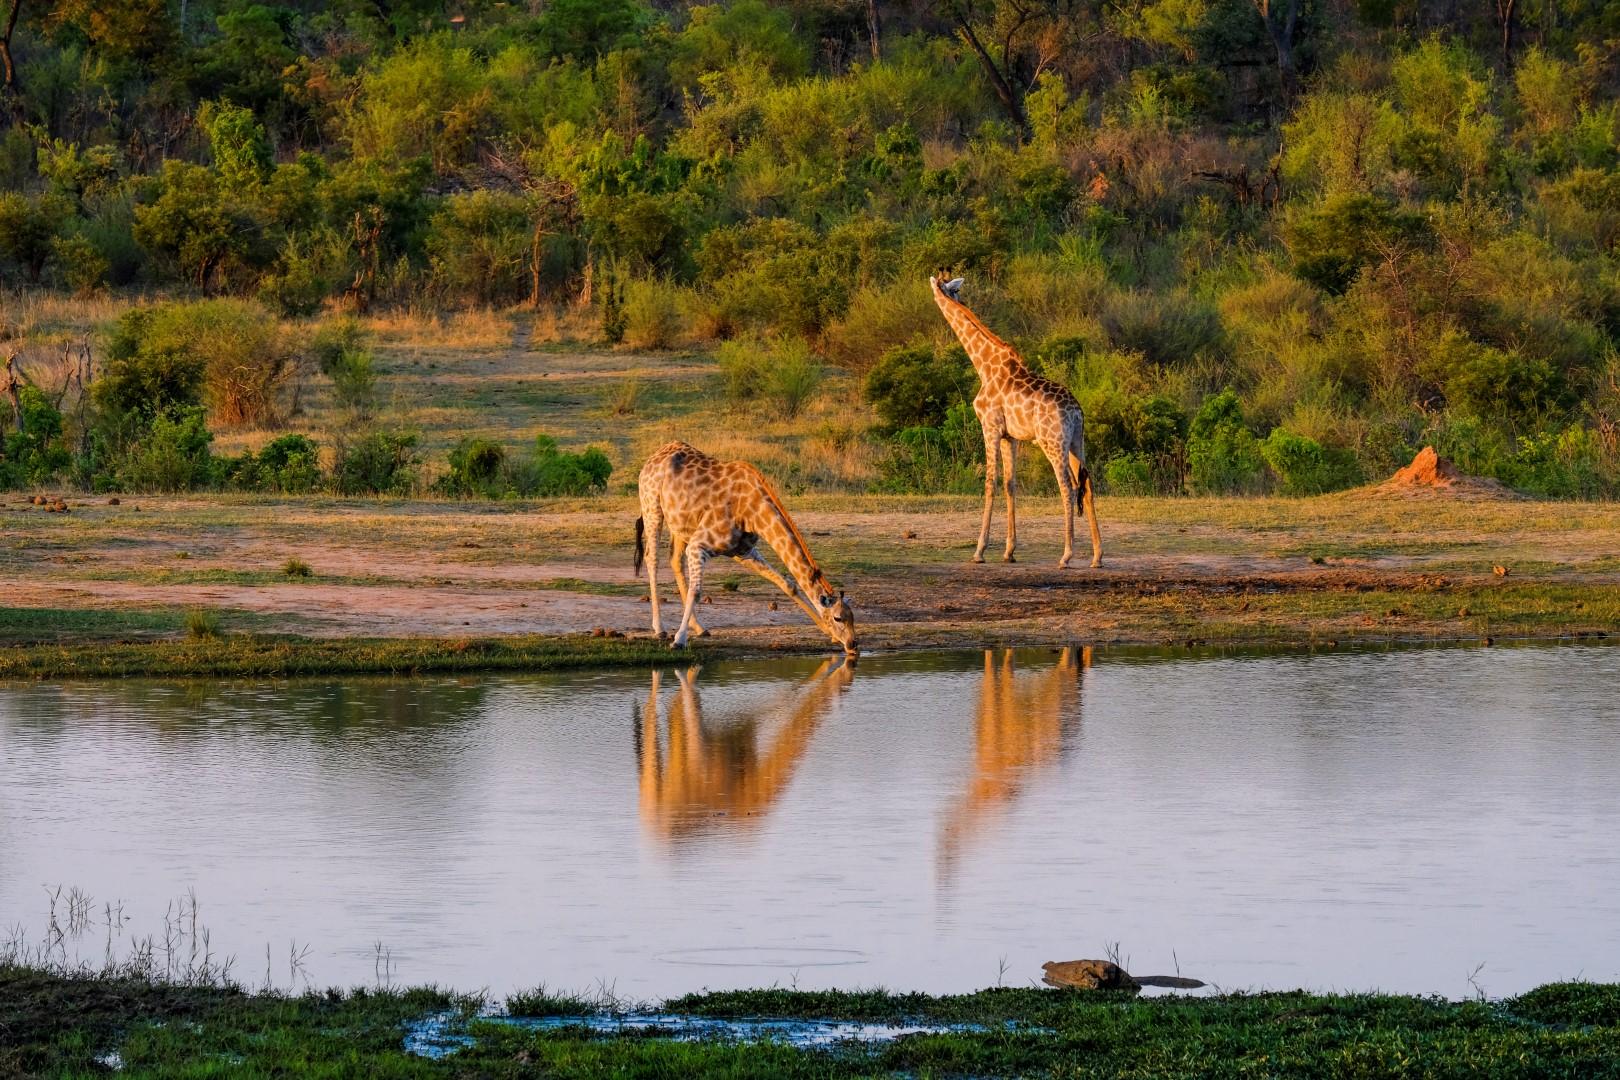 How Giraffes Drink